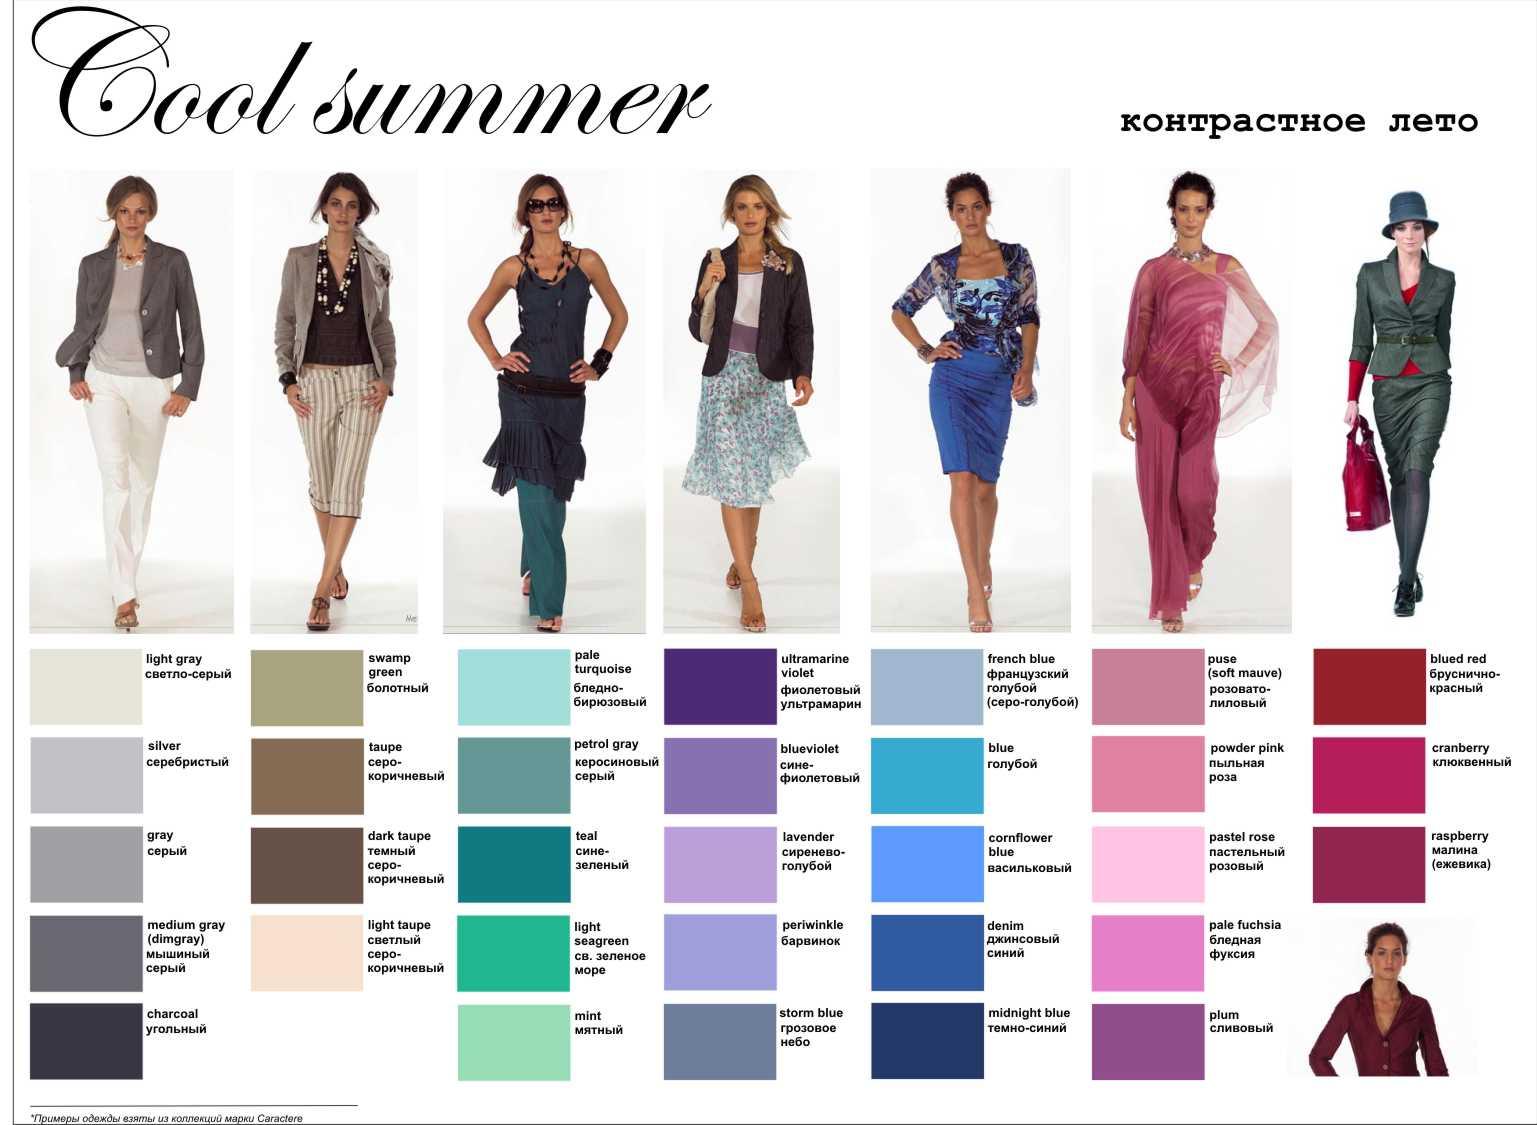 cool summer pallette on Pinterest | Soft Summer, Summer ...